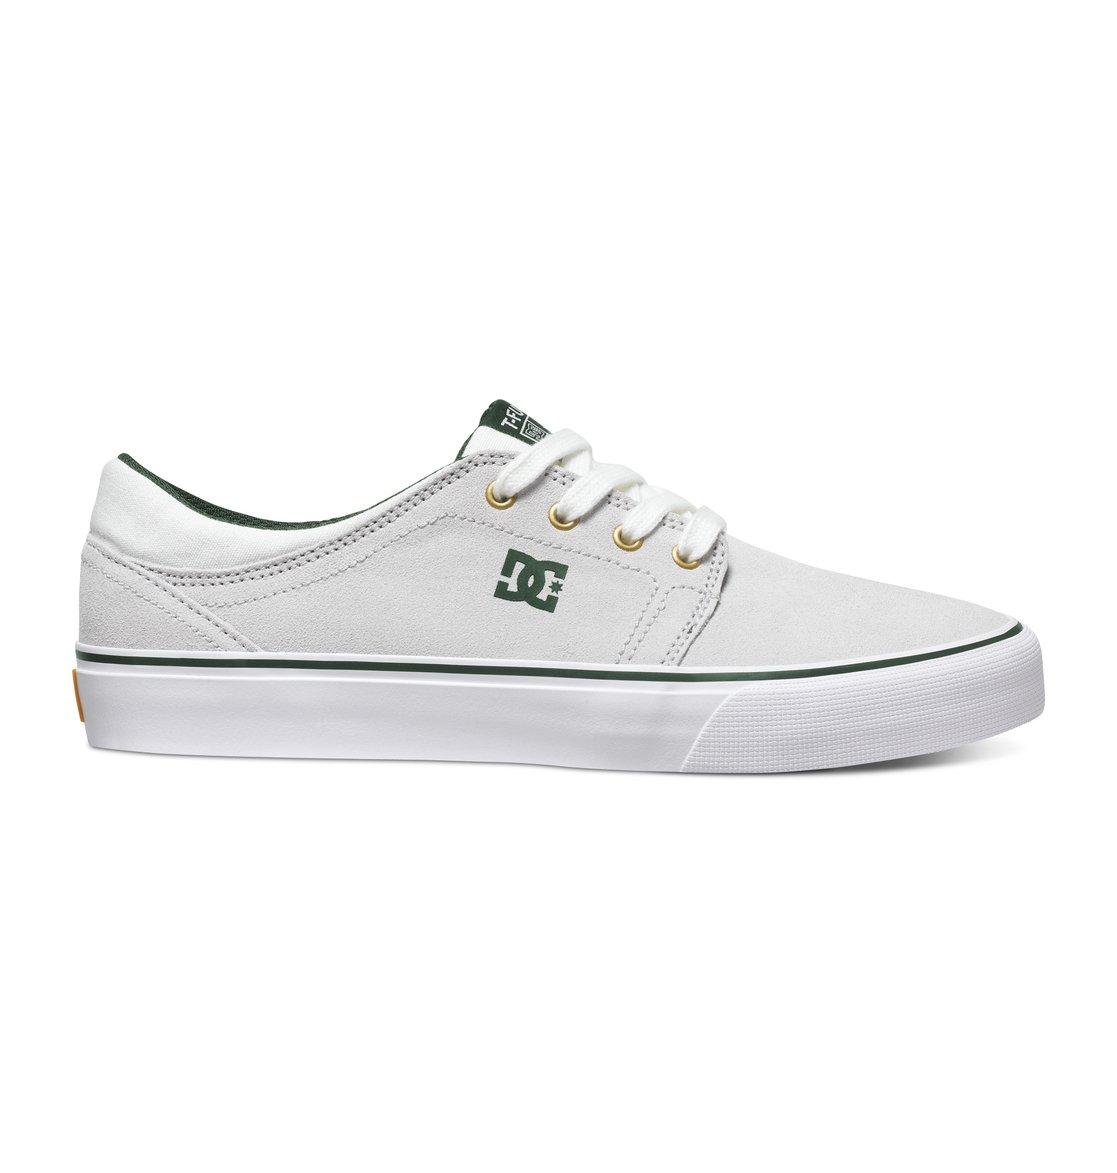 Dc Shoes Hi Tx Noire